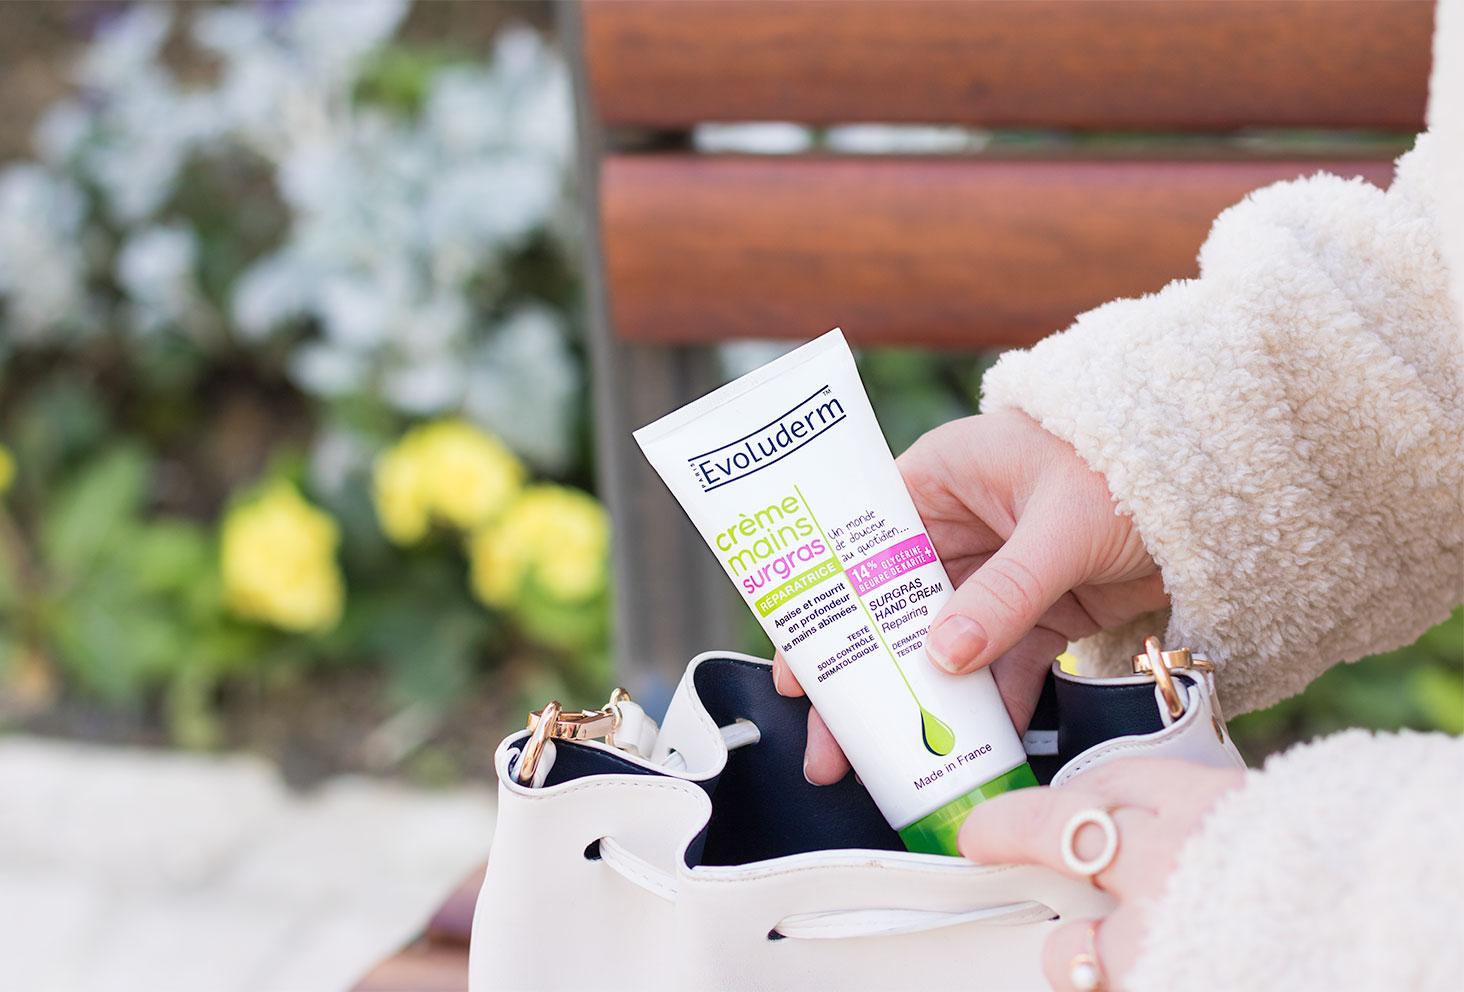 Packaging de la crème mains surgras Evoluderm sortie d'un sac à mains blanc sur un banc